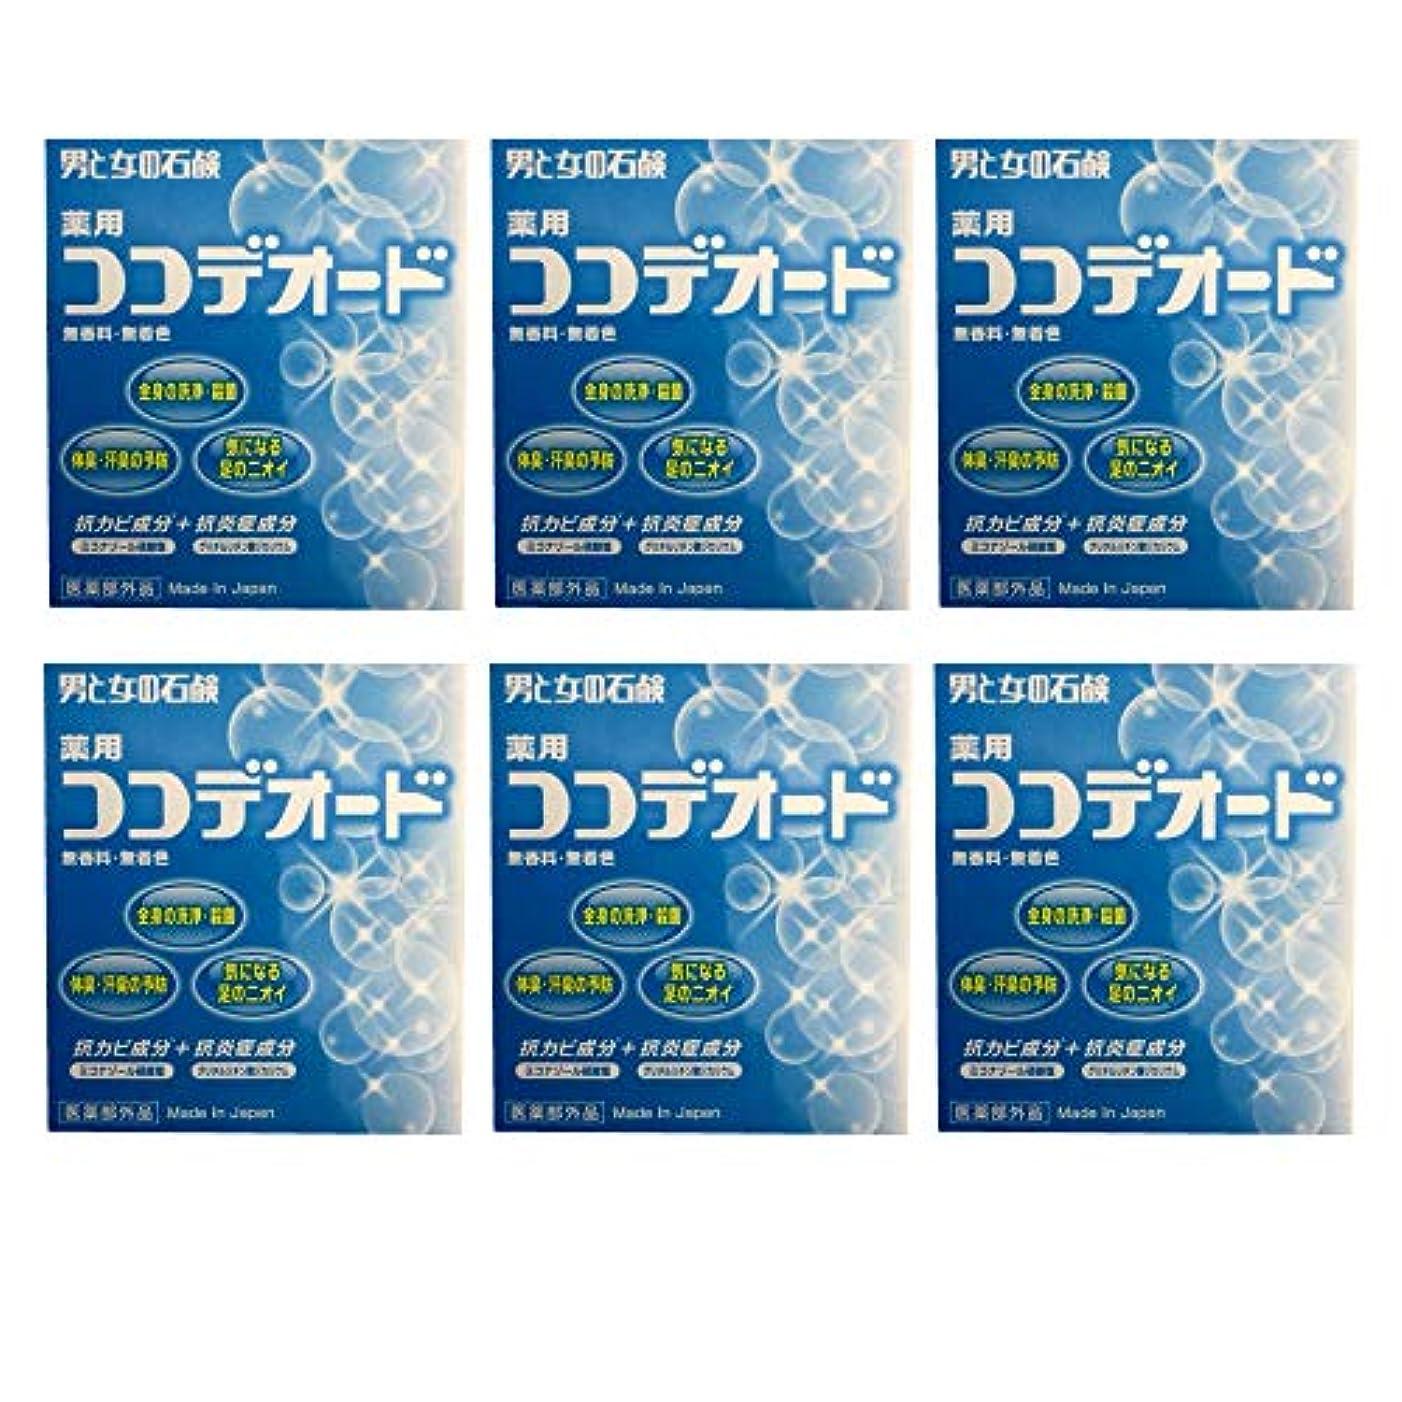 コードレス海藻資源ミコナゾール 薬用せっけん 100g 《医薬部外品》 (6個)